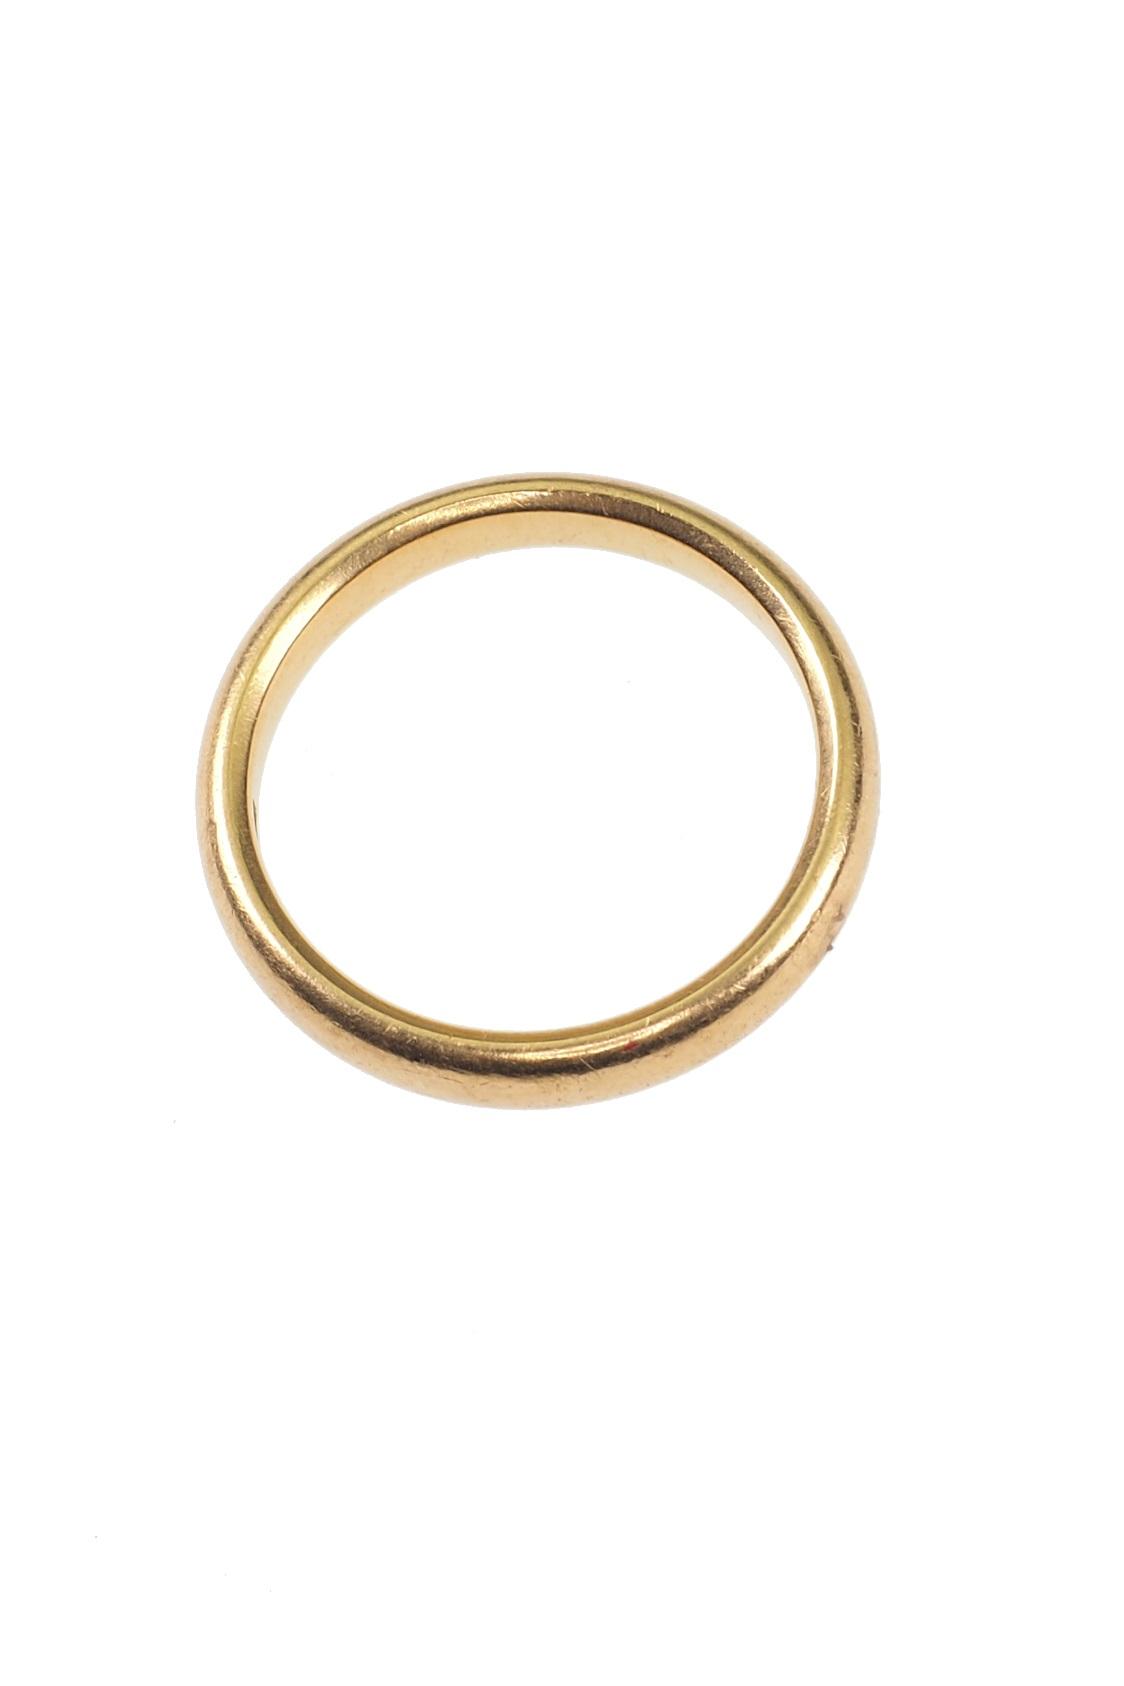 antike-Ringe-kaufen-1731b